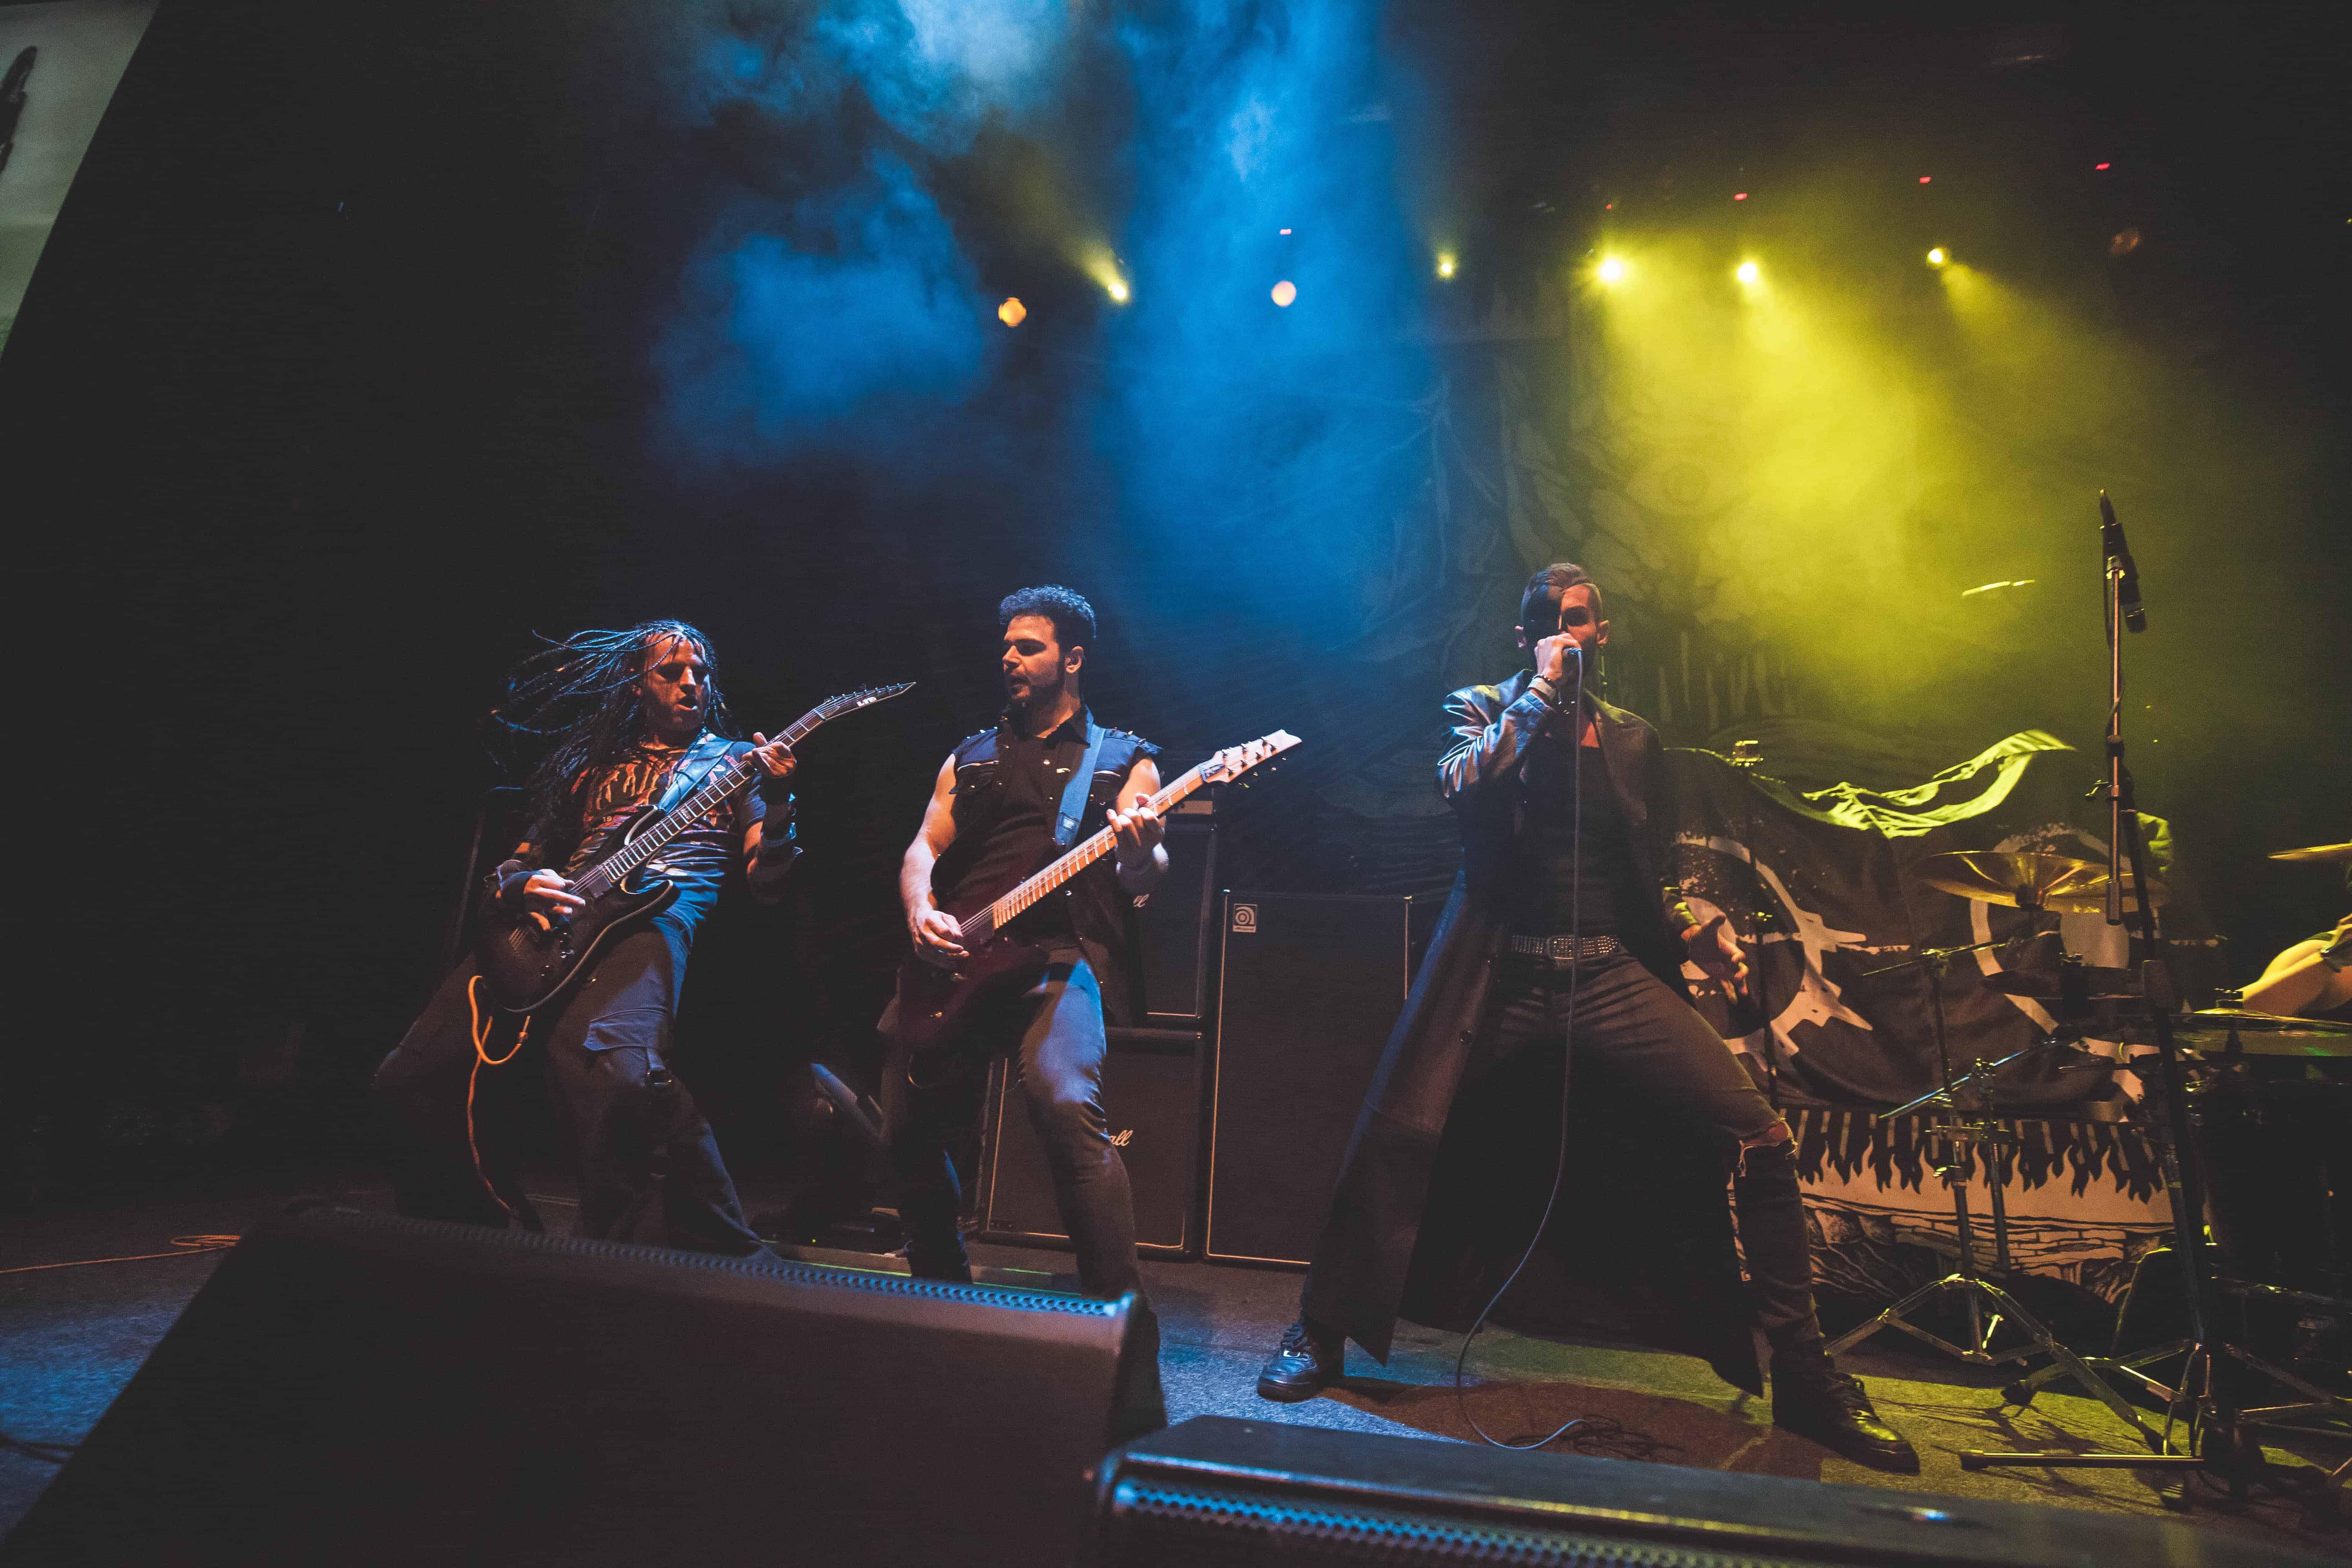 Концерт Arch Enemy в ГЛАВCLUB GREEN CONCERT Концерт Arch Enemy в ГЛАВCLUB GREEN CONCERT IMG 6378